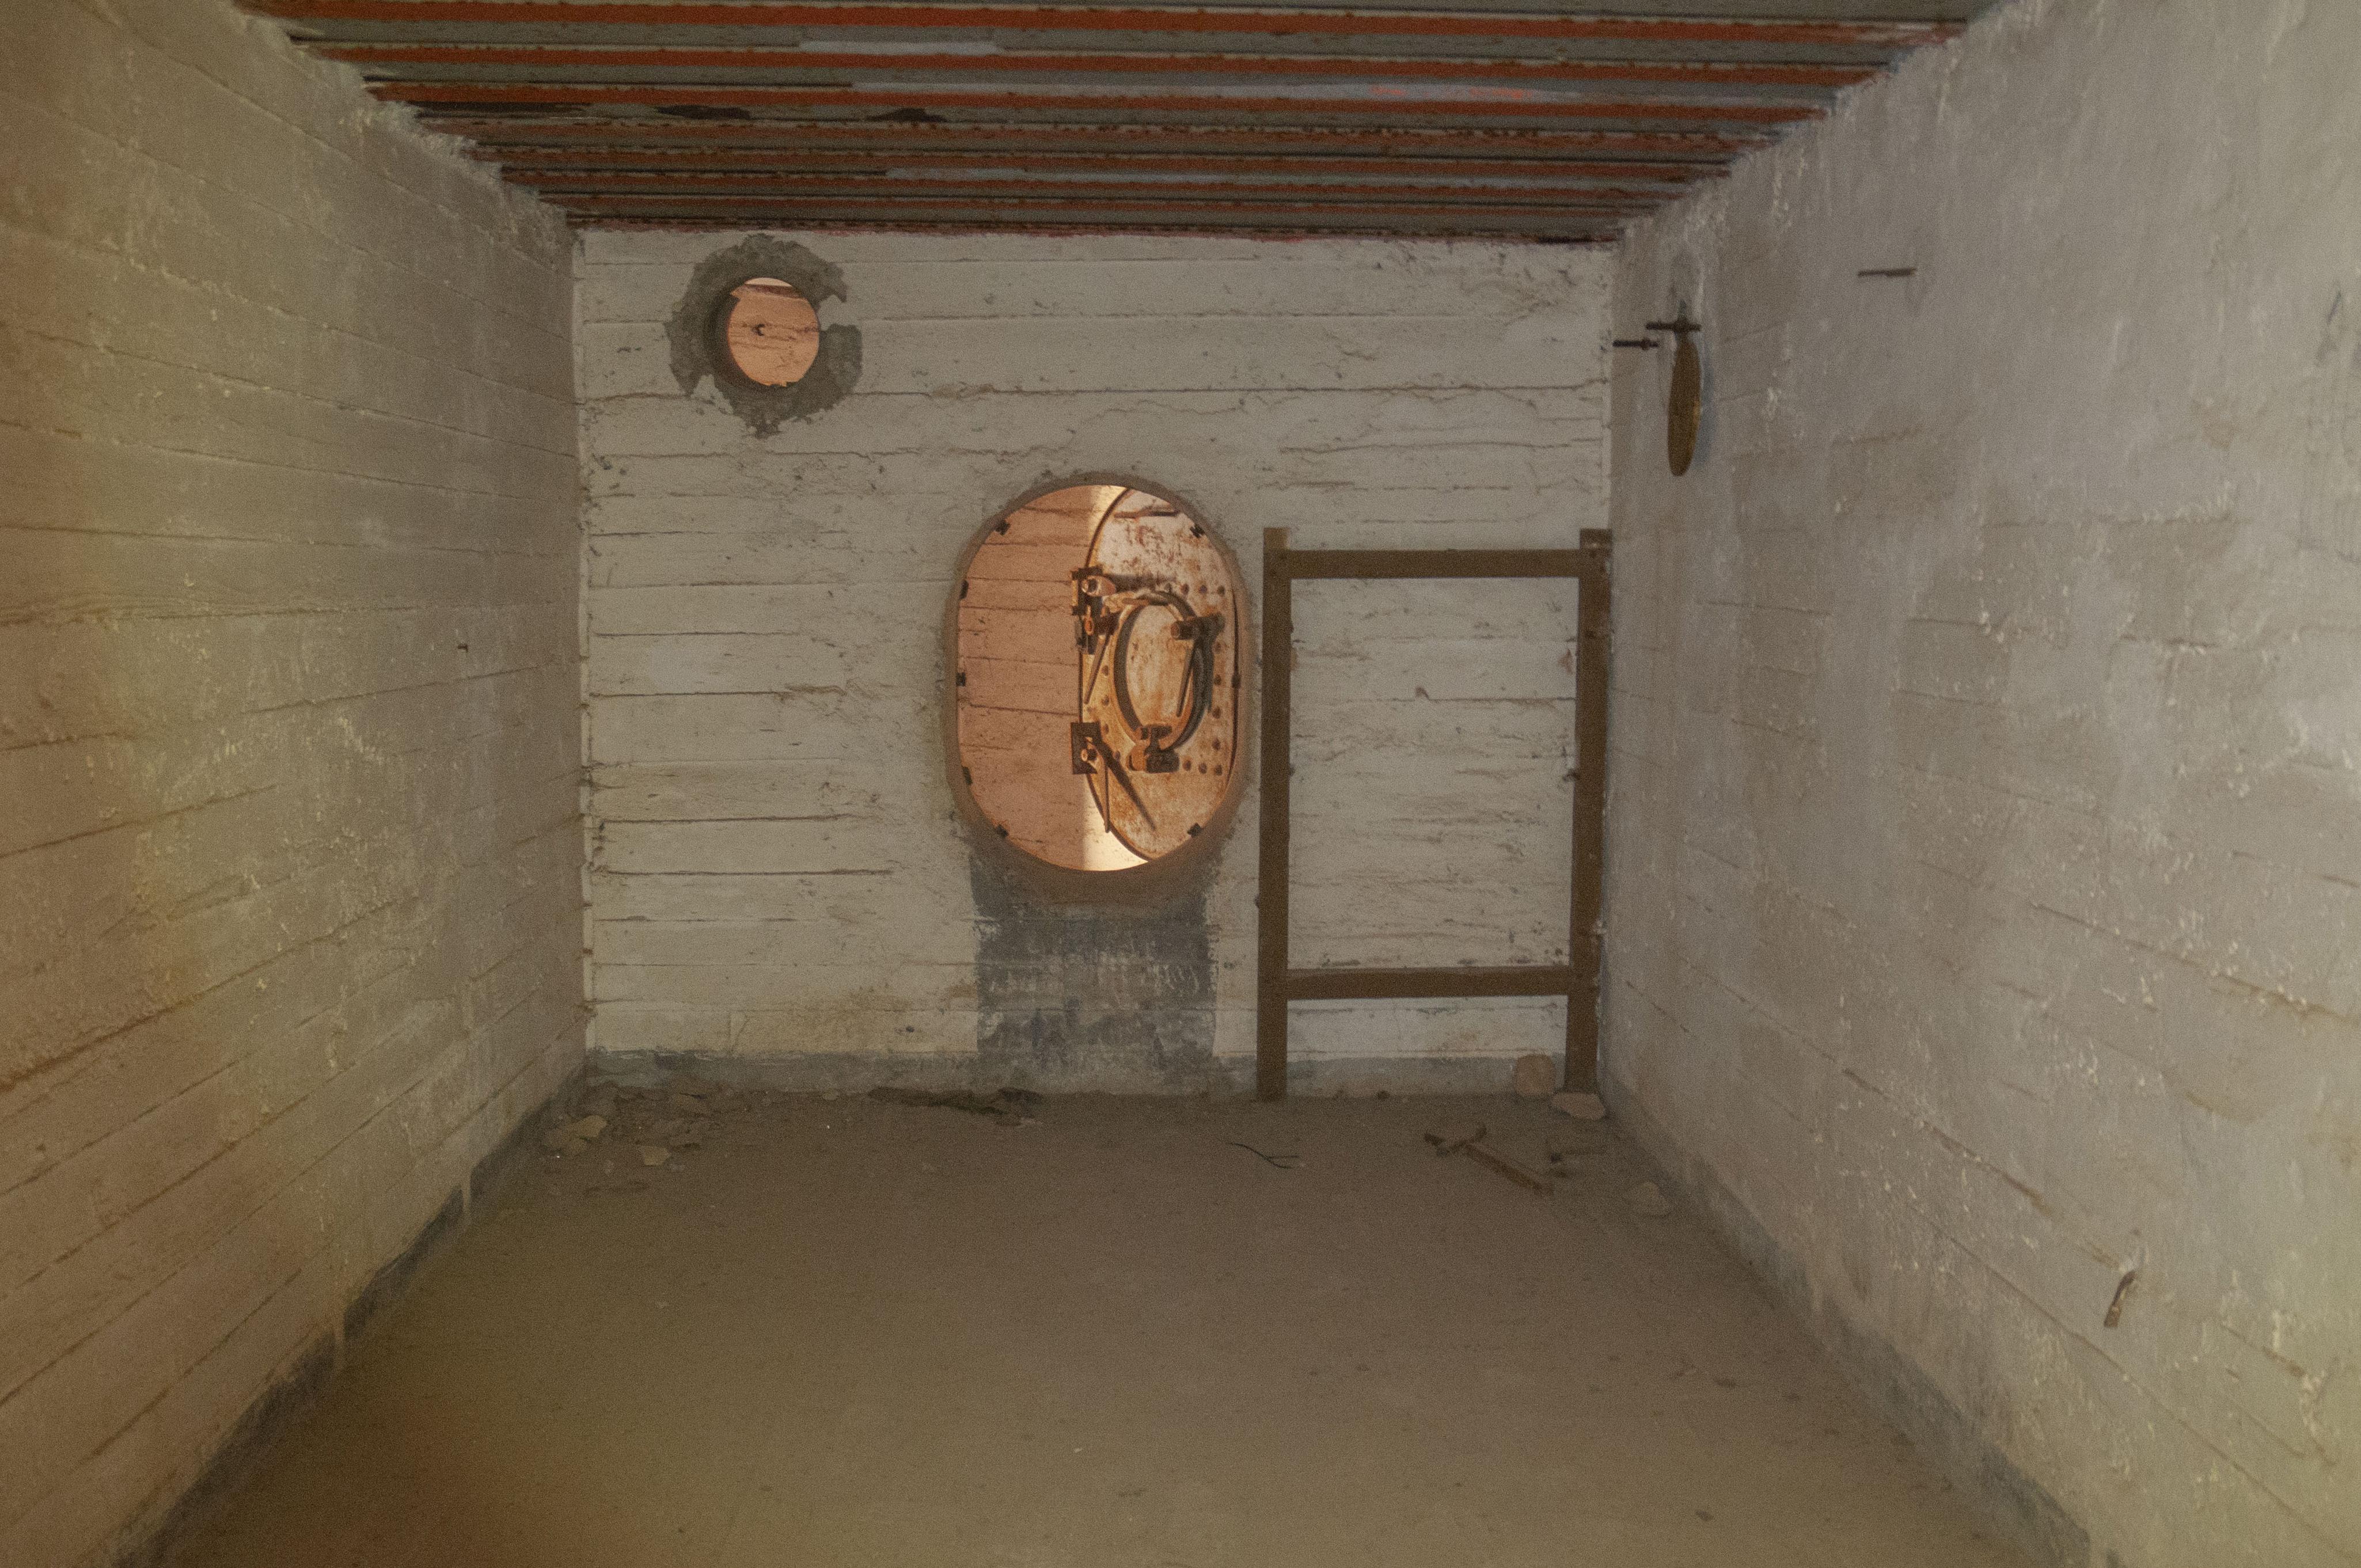 Βοηθητικός θάλαμος του καταφυγίου. Παρατηρήστε την ιδιαίτερα μικρή είσοδο, καθώς και τη θωρακισμένη οροφή.